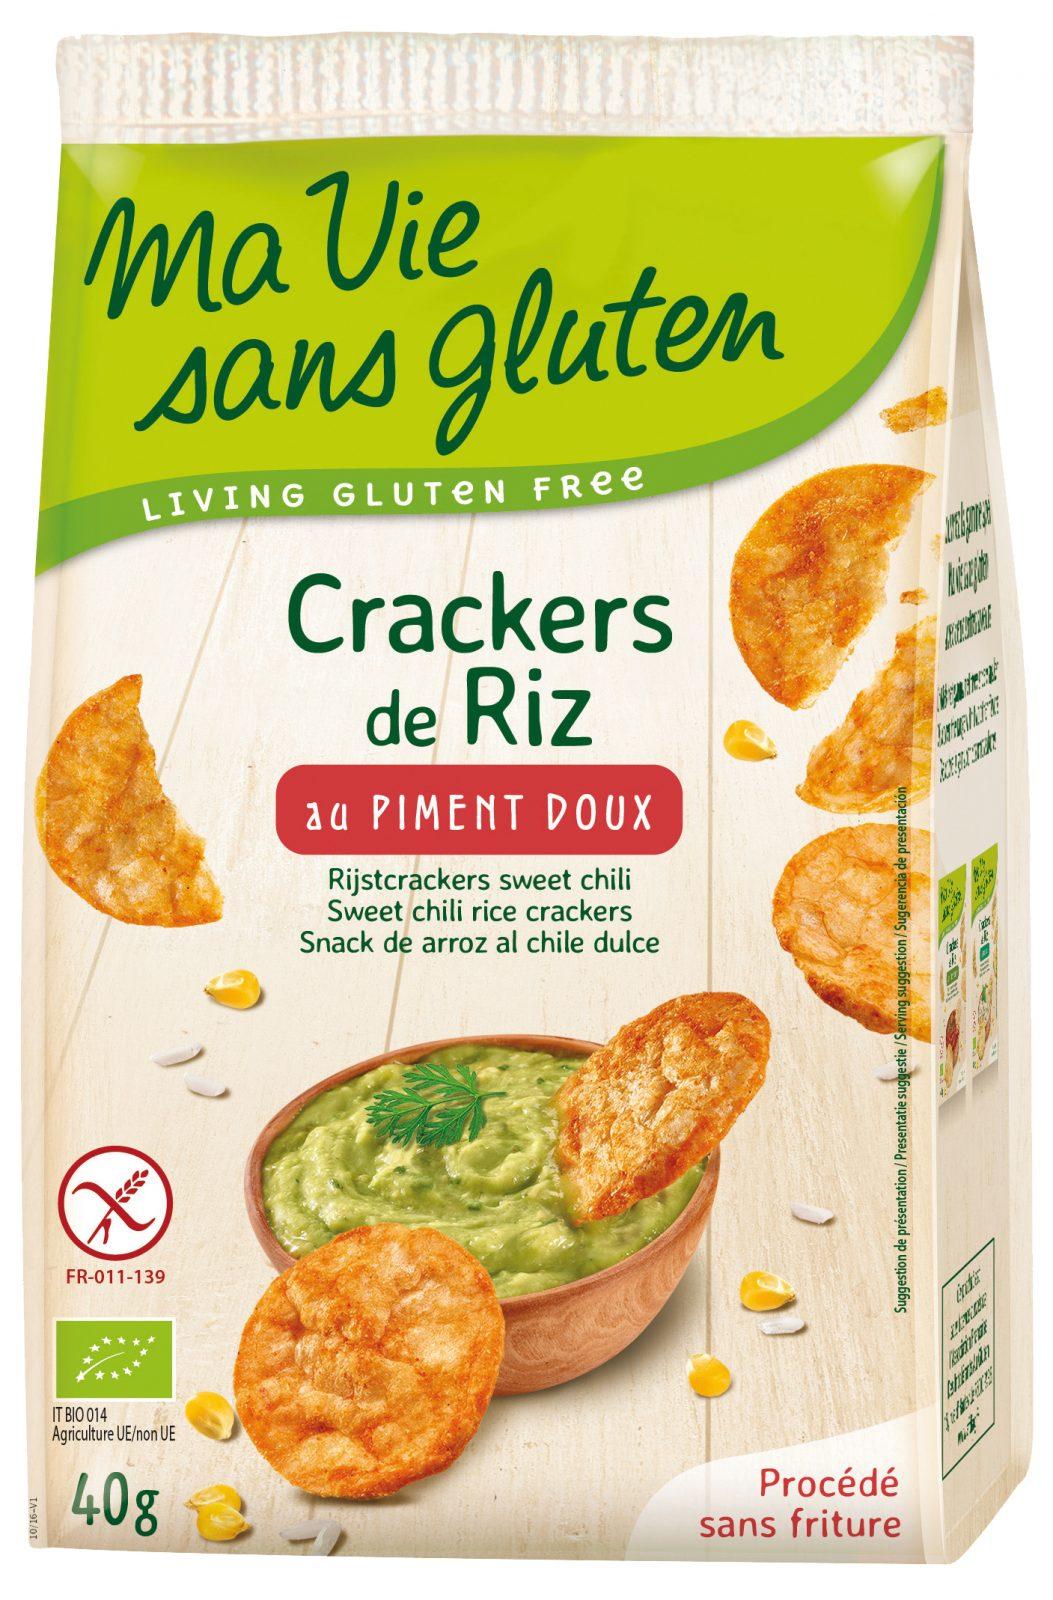 Ma vie sans gluten - Crackers - Crackers de riz au piment doux - 40g